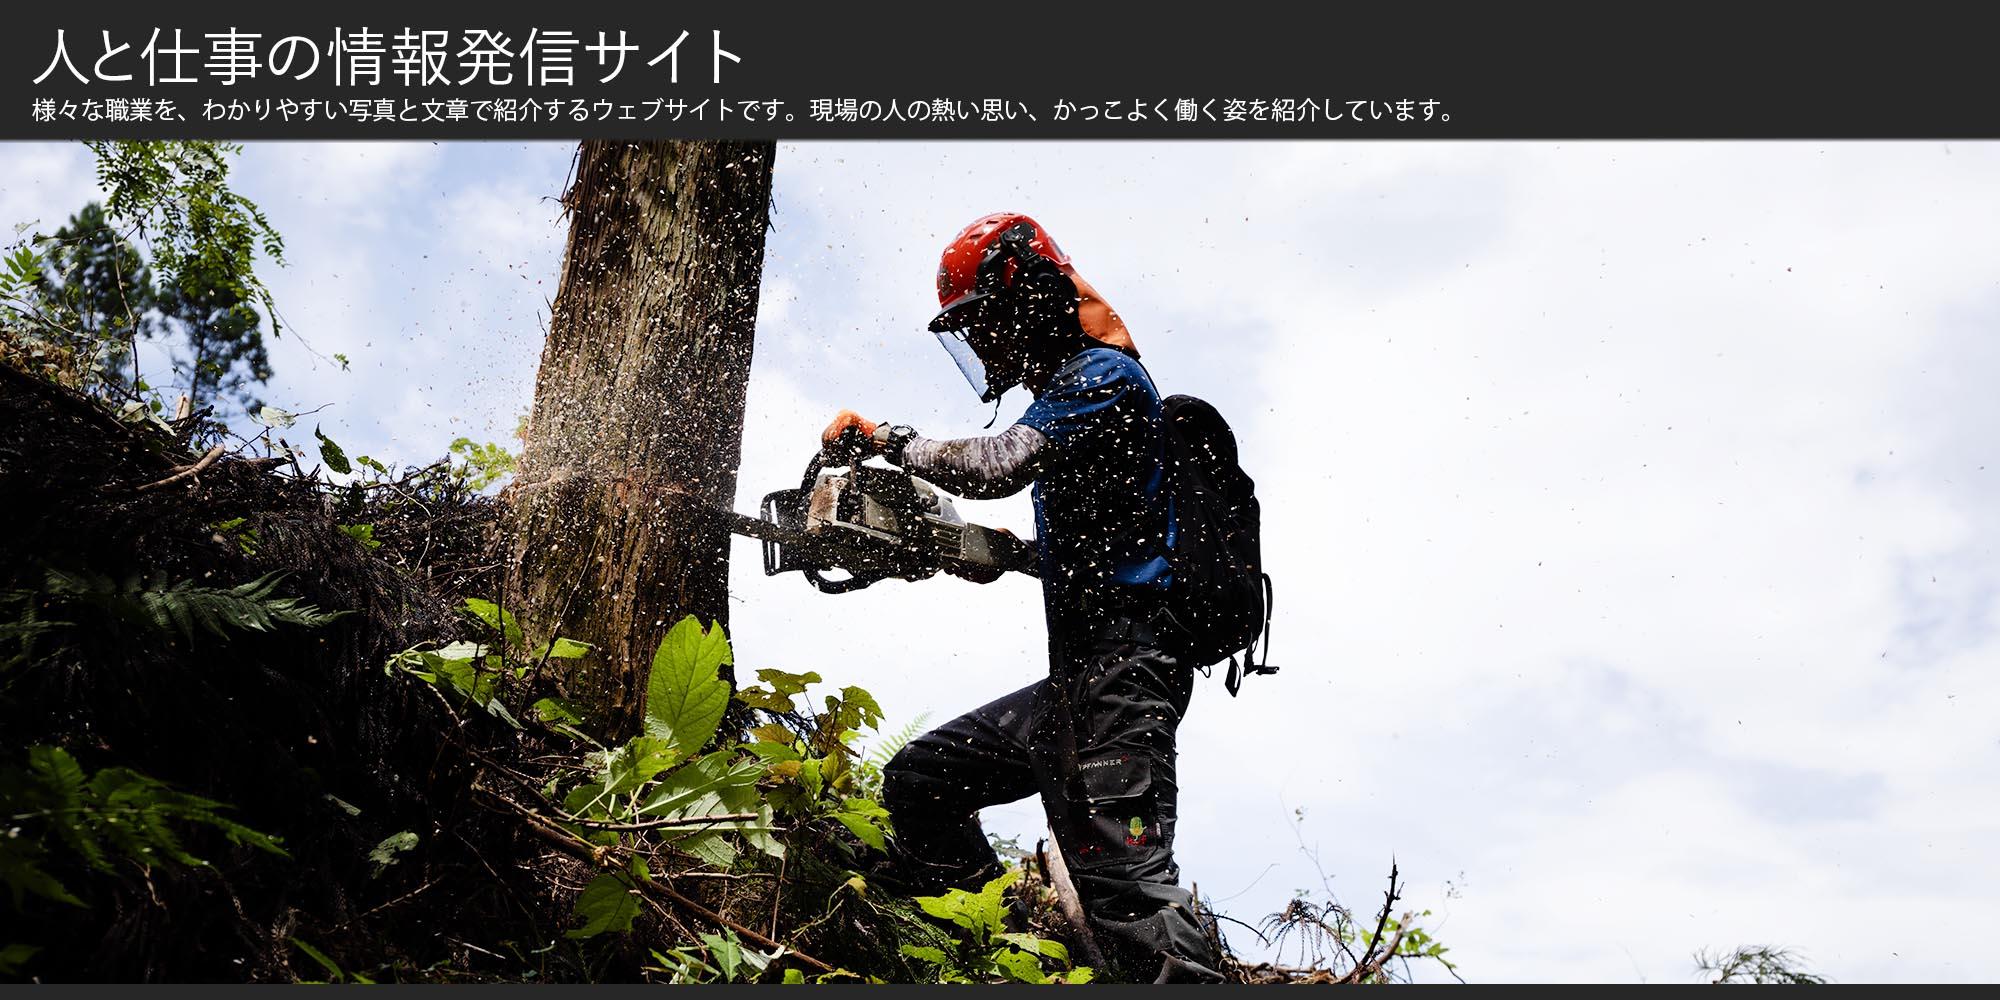 働く人のイメージ画像-林業の写真